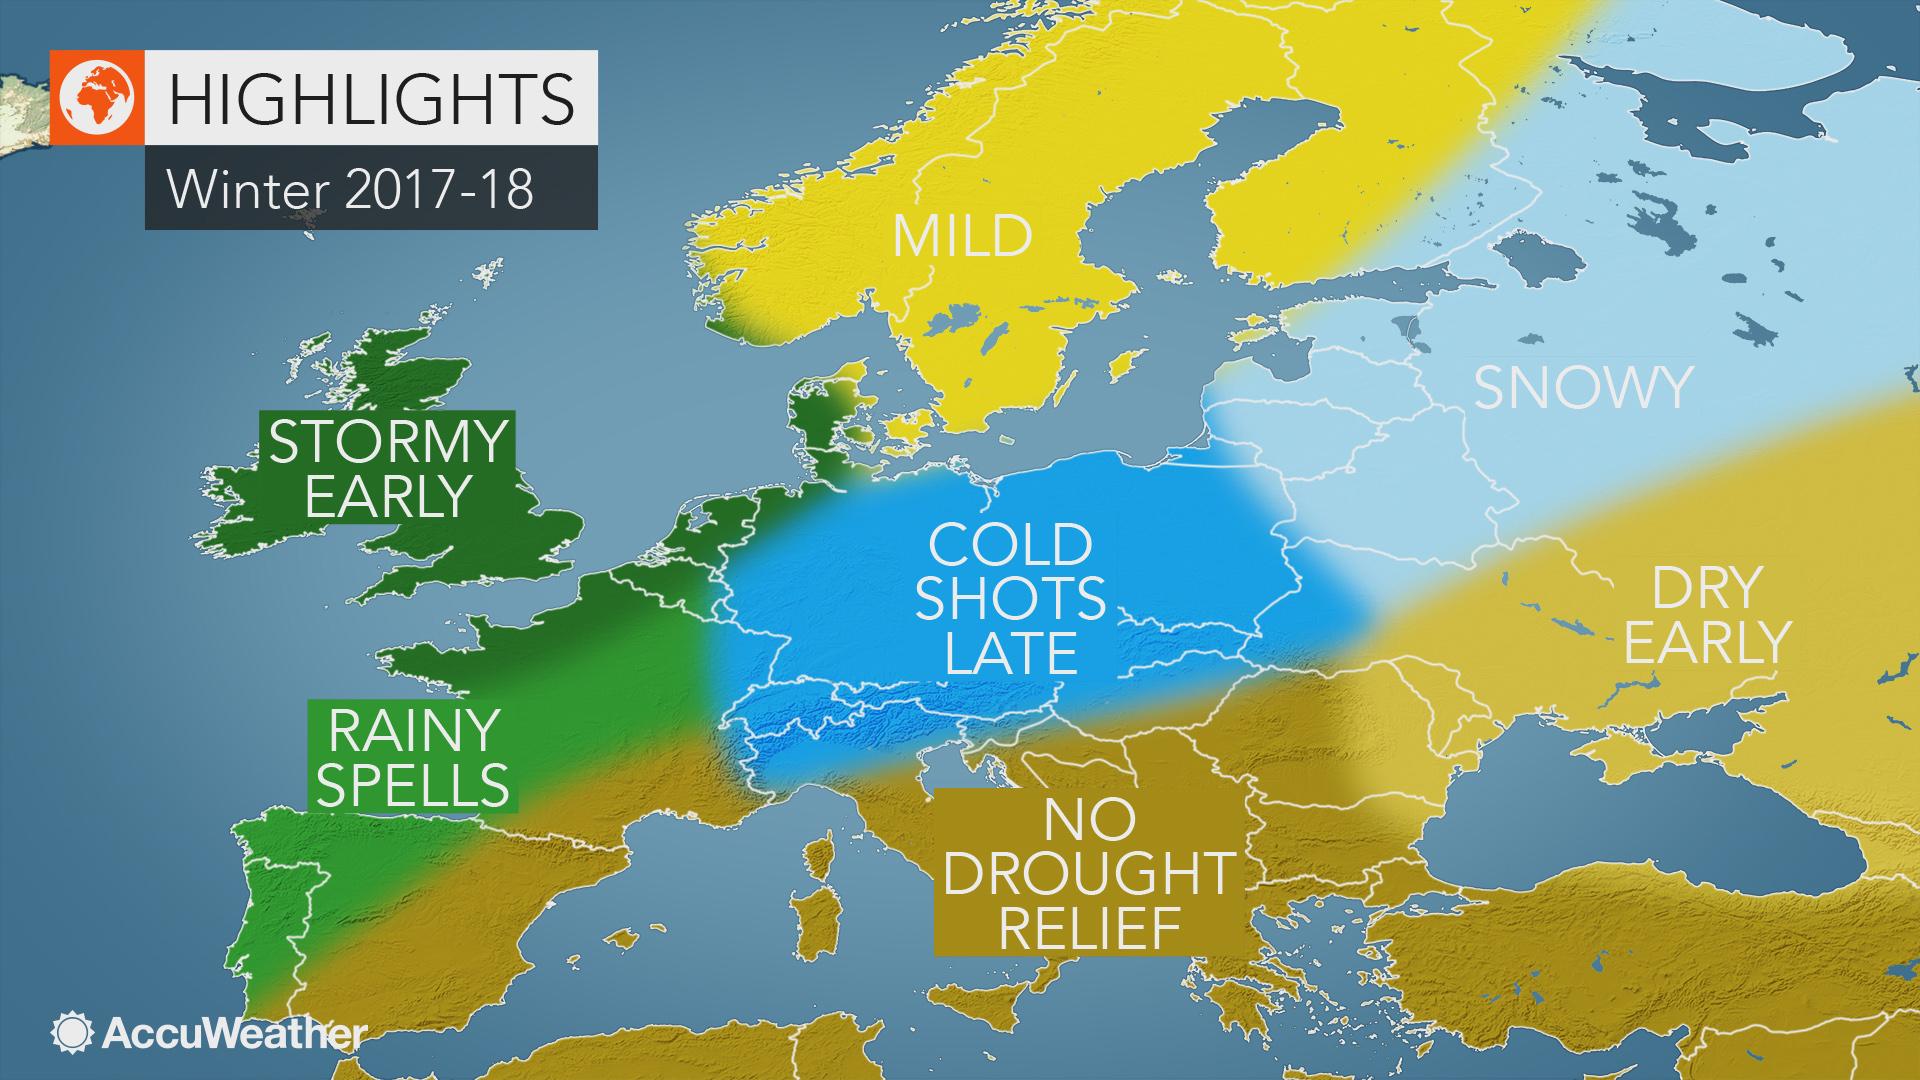 Αποτέλεσμα εικόνας για accuweather winter forecast europe